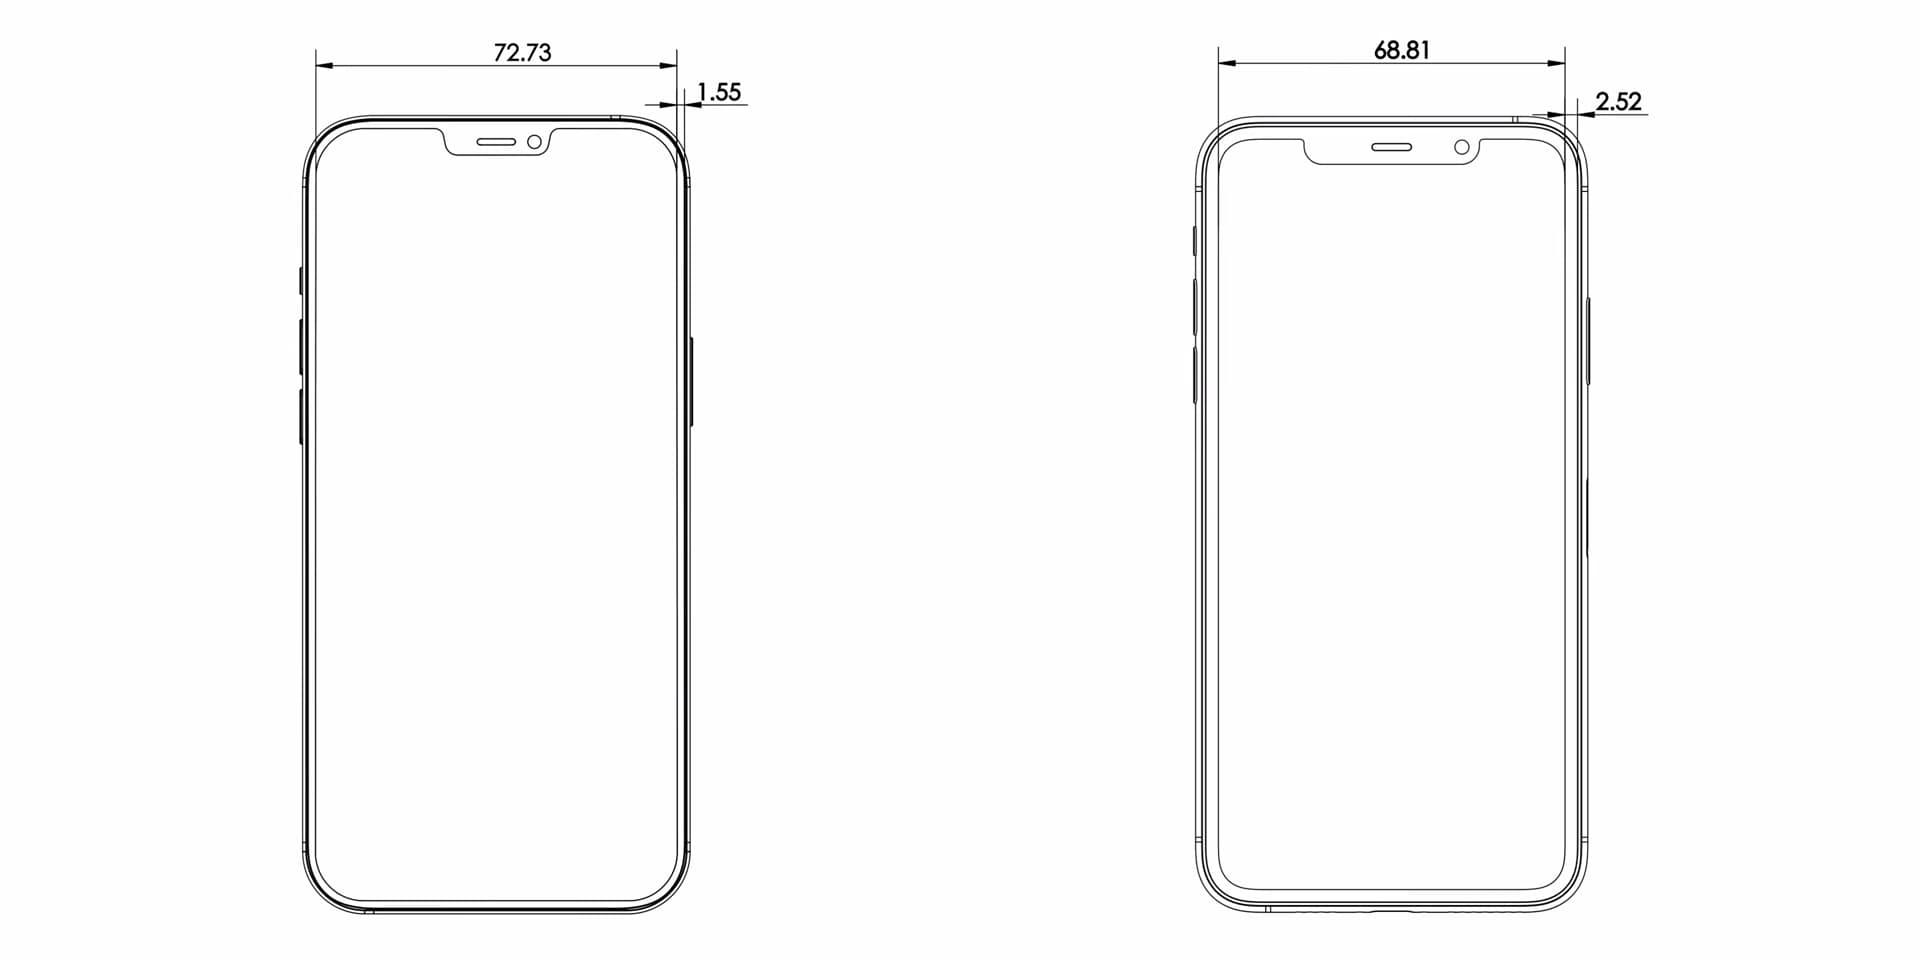 iPhone 12 體積螢幕更大、邊框黑條更細1